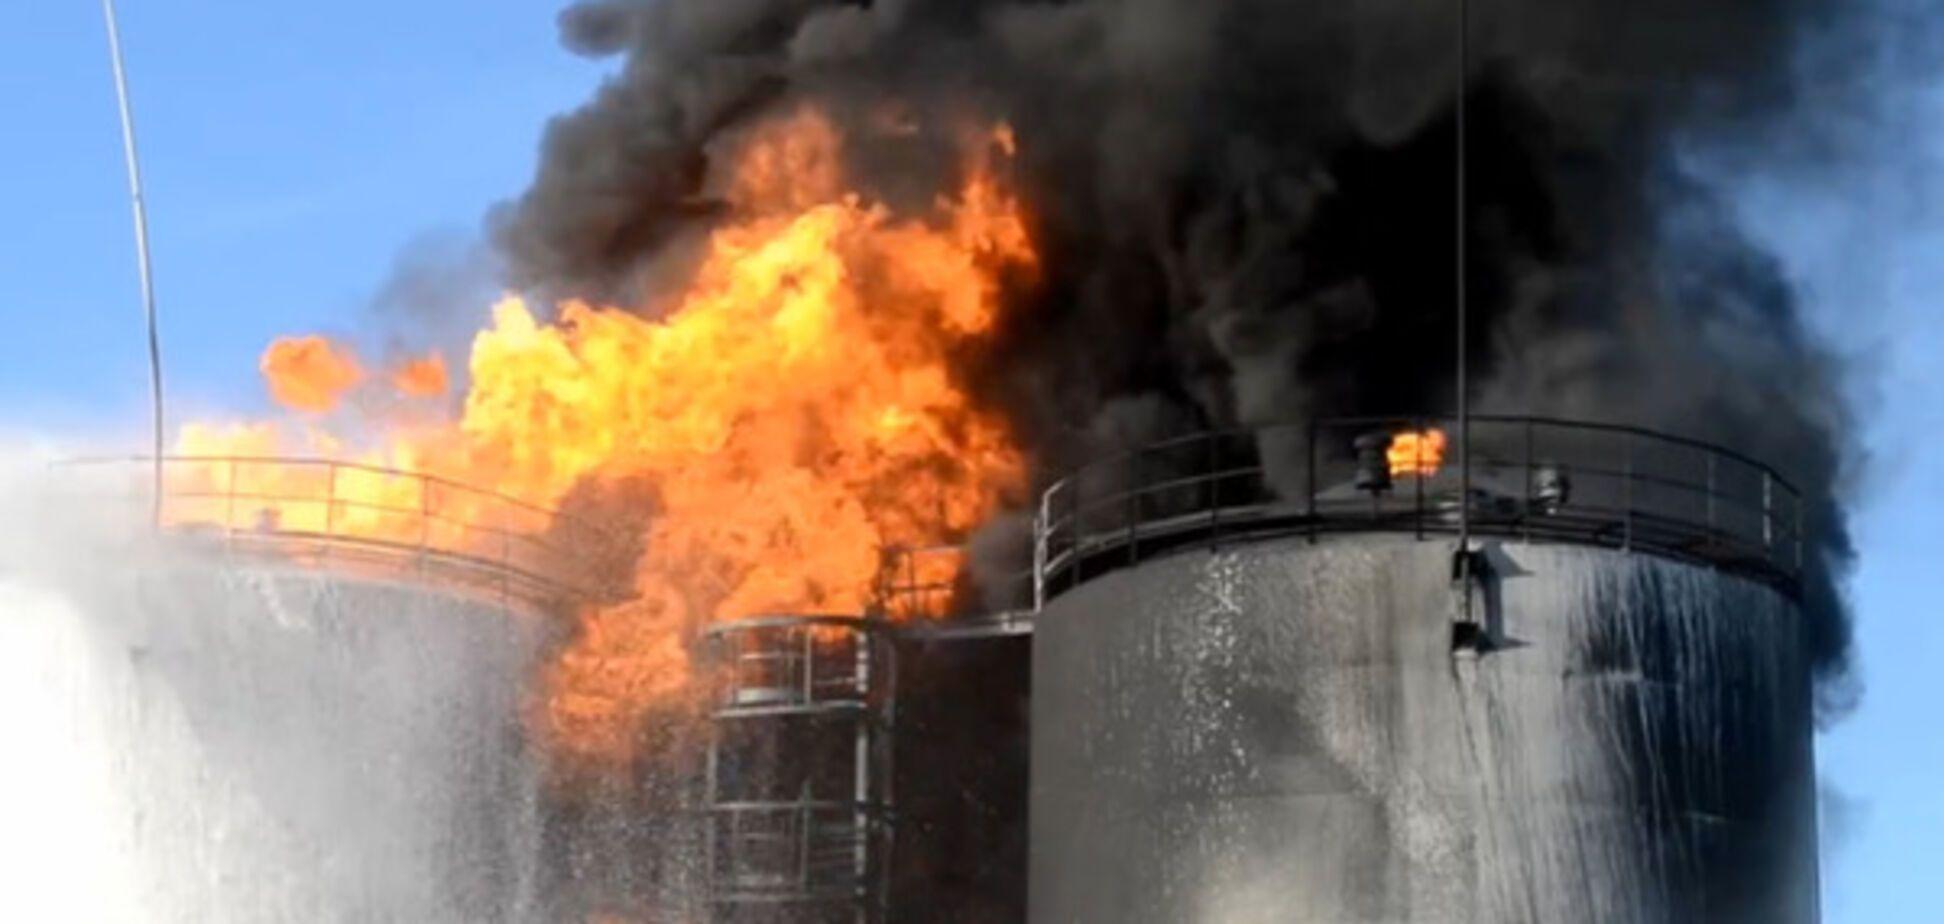 Взрыв на нефтебазе, иллюстрация